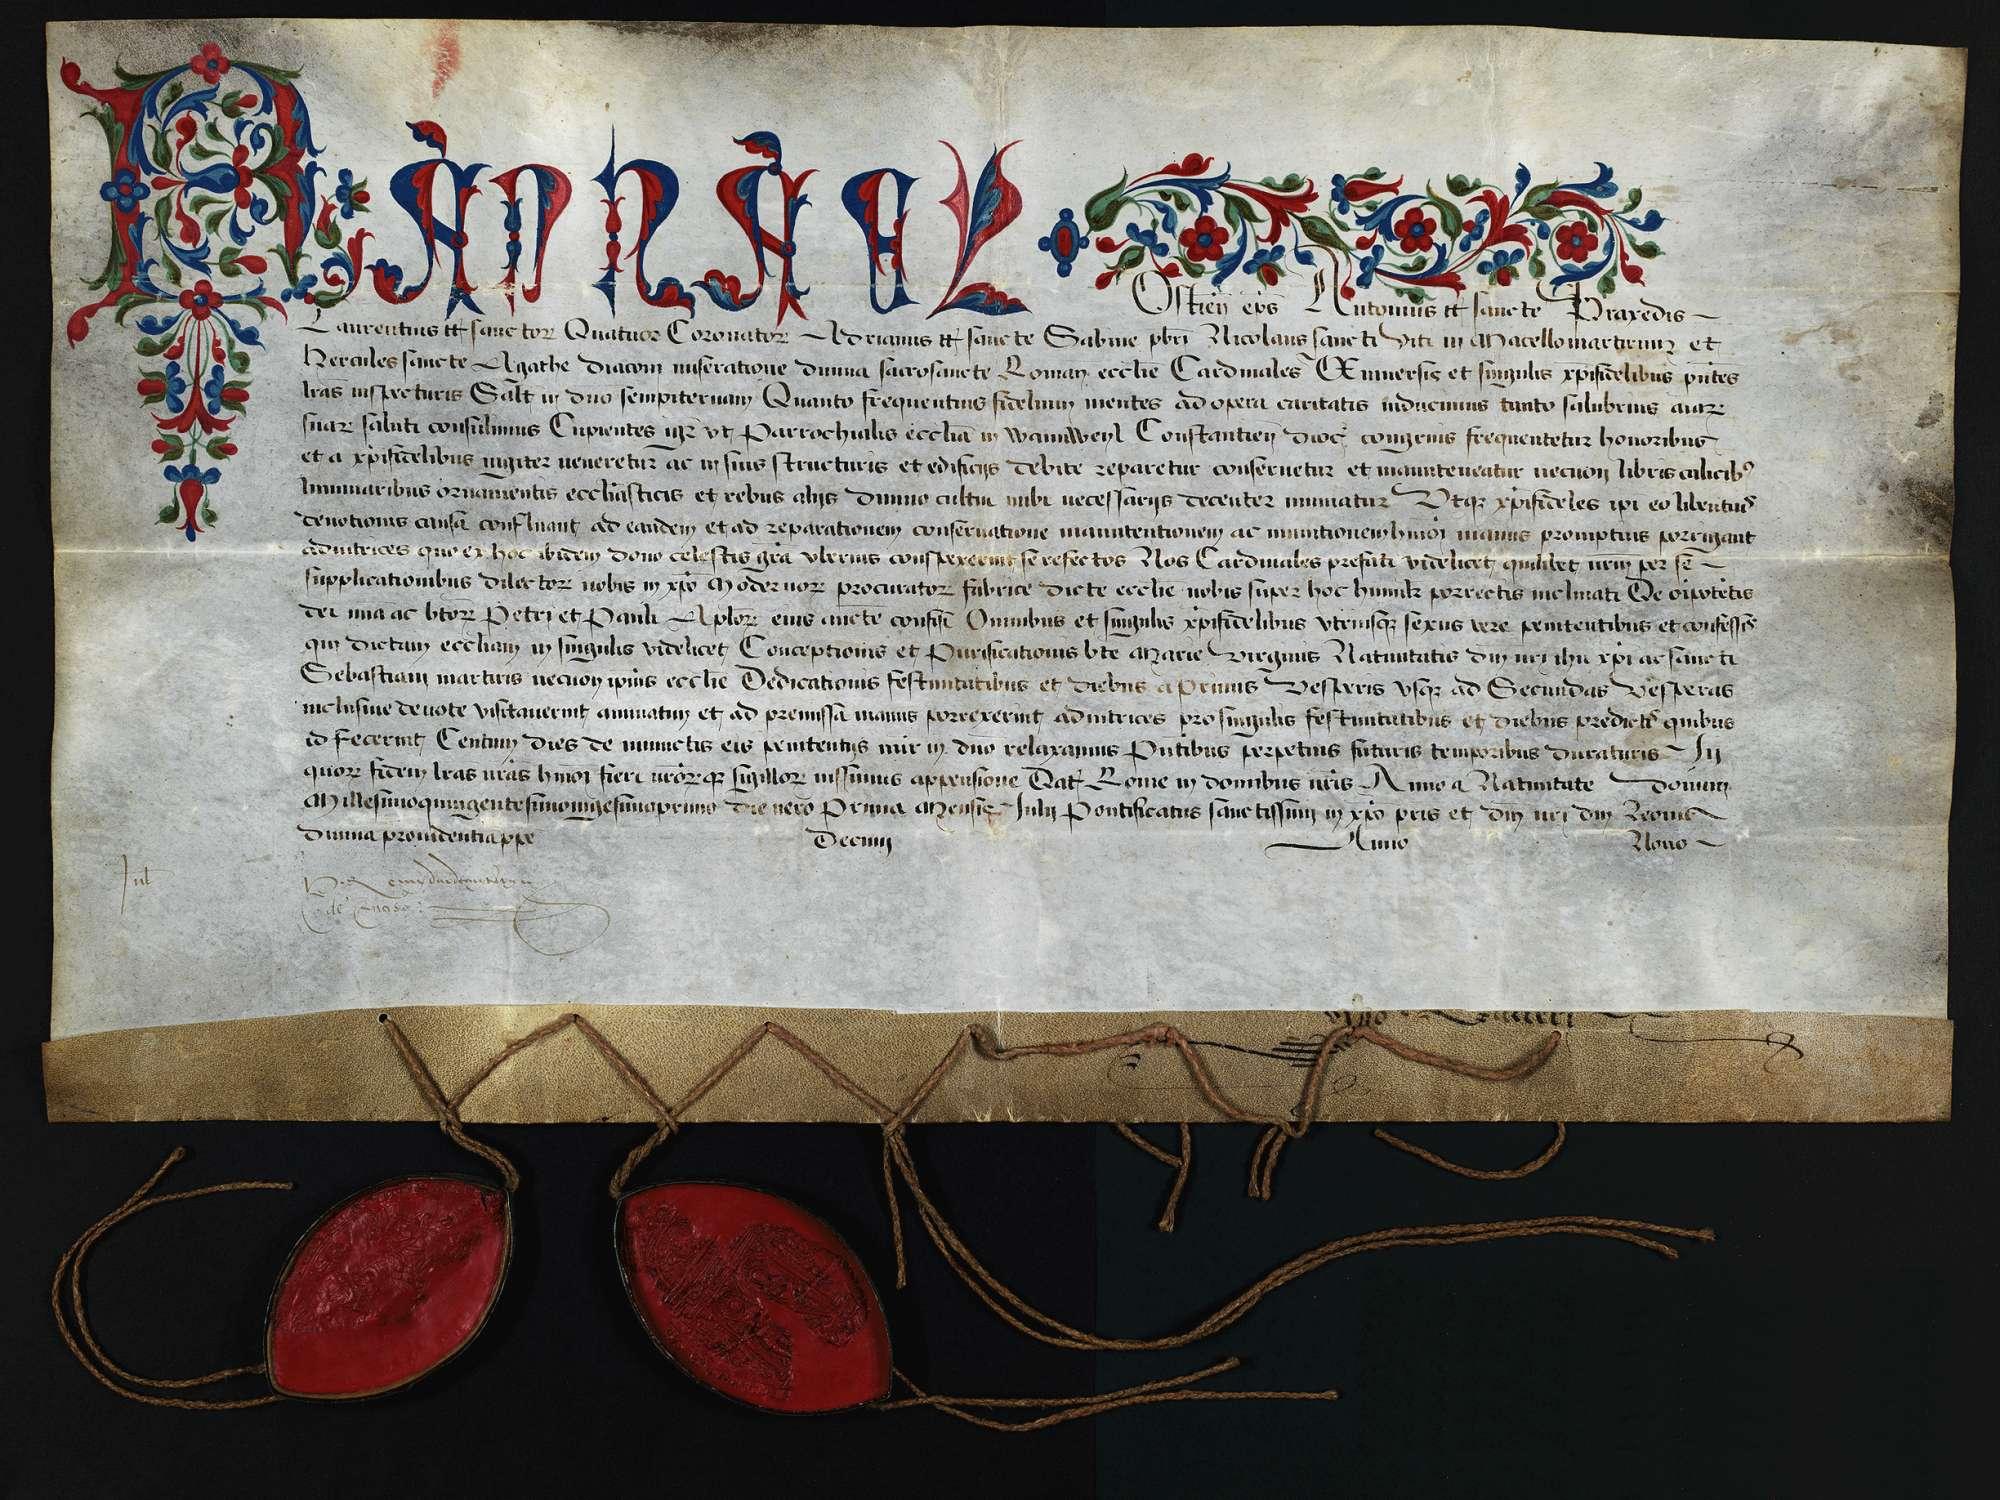 Bischof Raphael von Ostia und 5 weitere Kardinäle erteilen der Pfarrkirche in Wannweil zu Ausbau, Ausbesserung und Ausschmückung einen Ablass von 100 Tagen., Bild 1